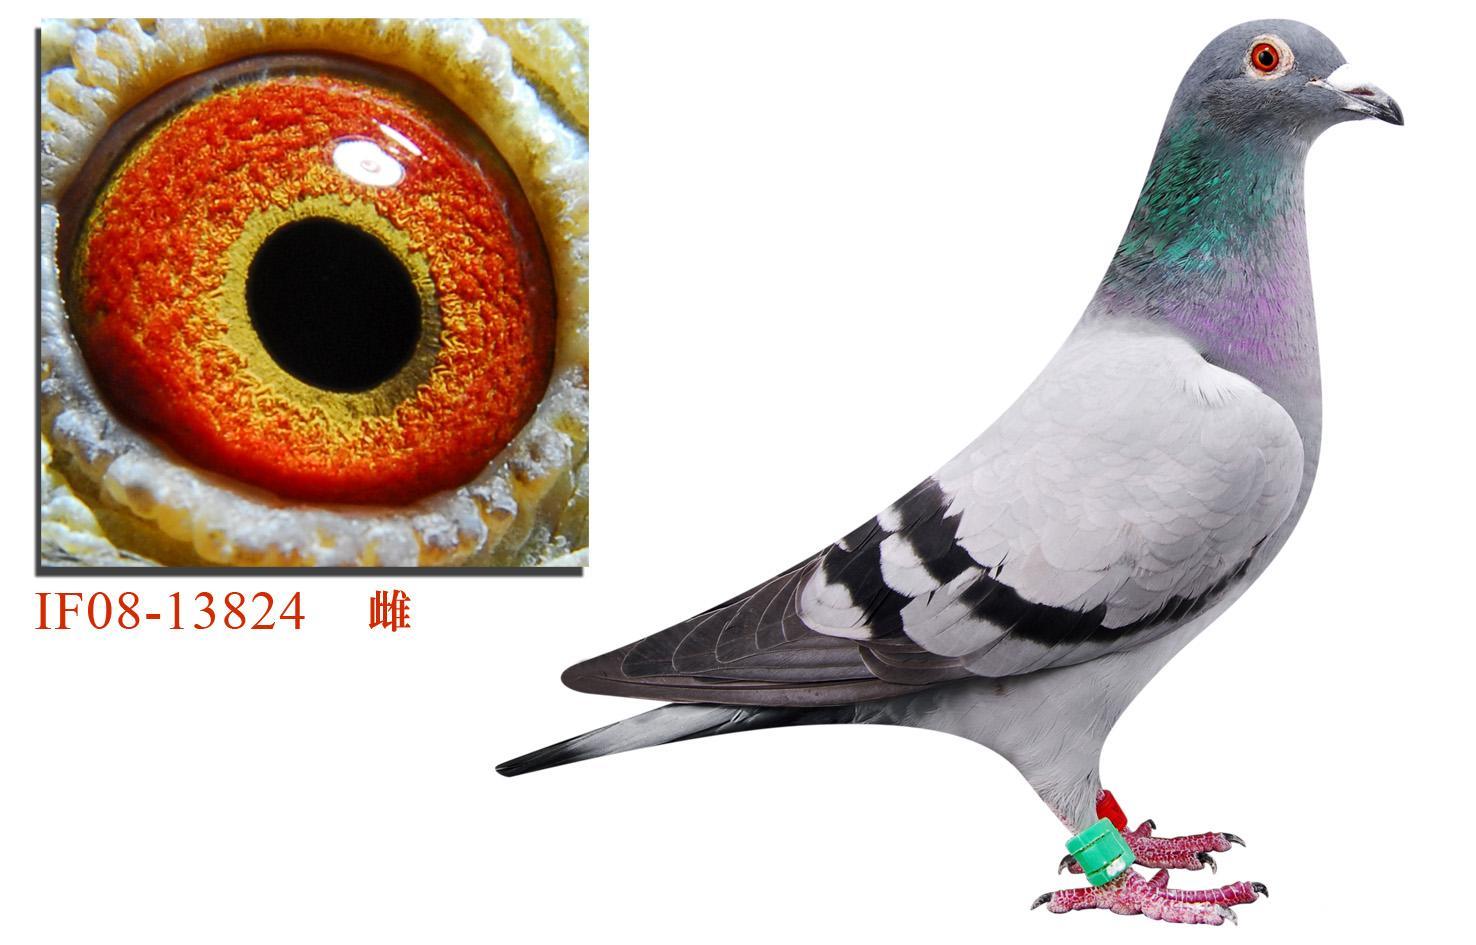 最早的原詹森019信鸽内容 最早的原詹森019信鸽版面设计图片